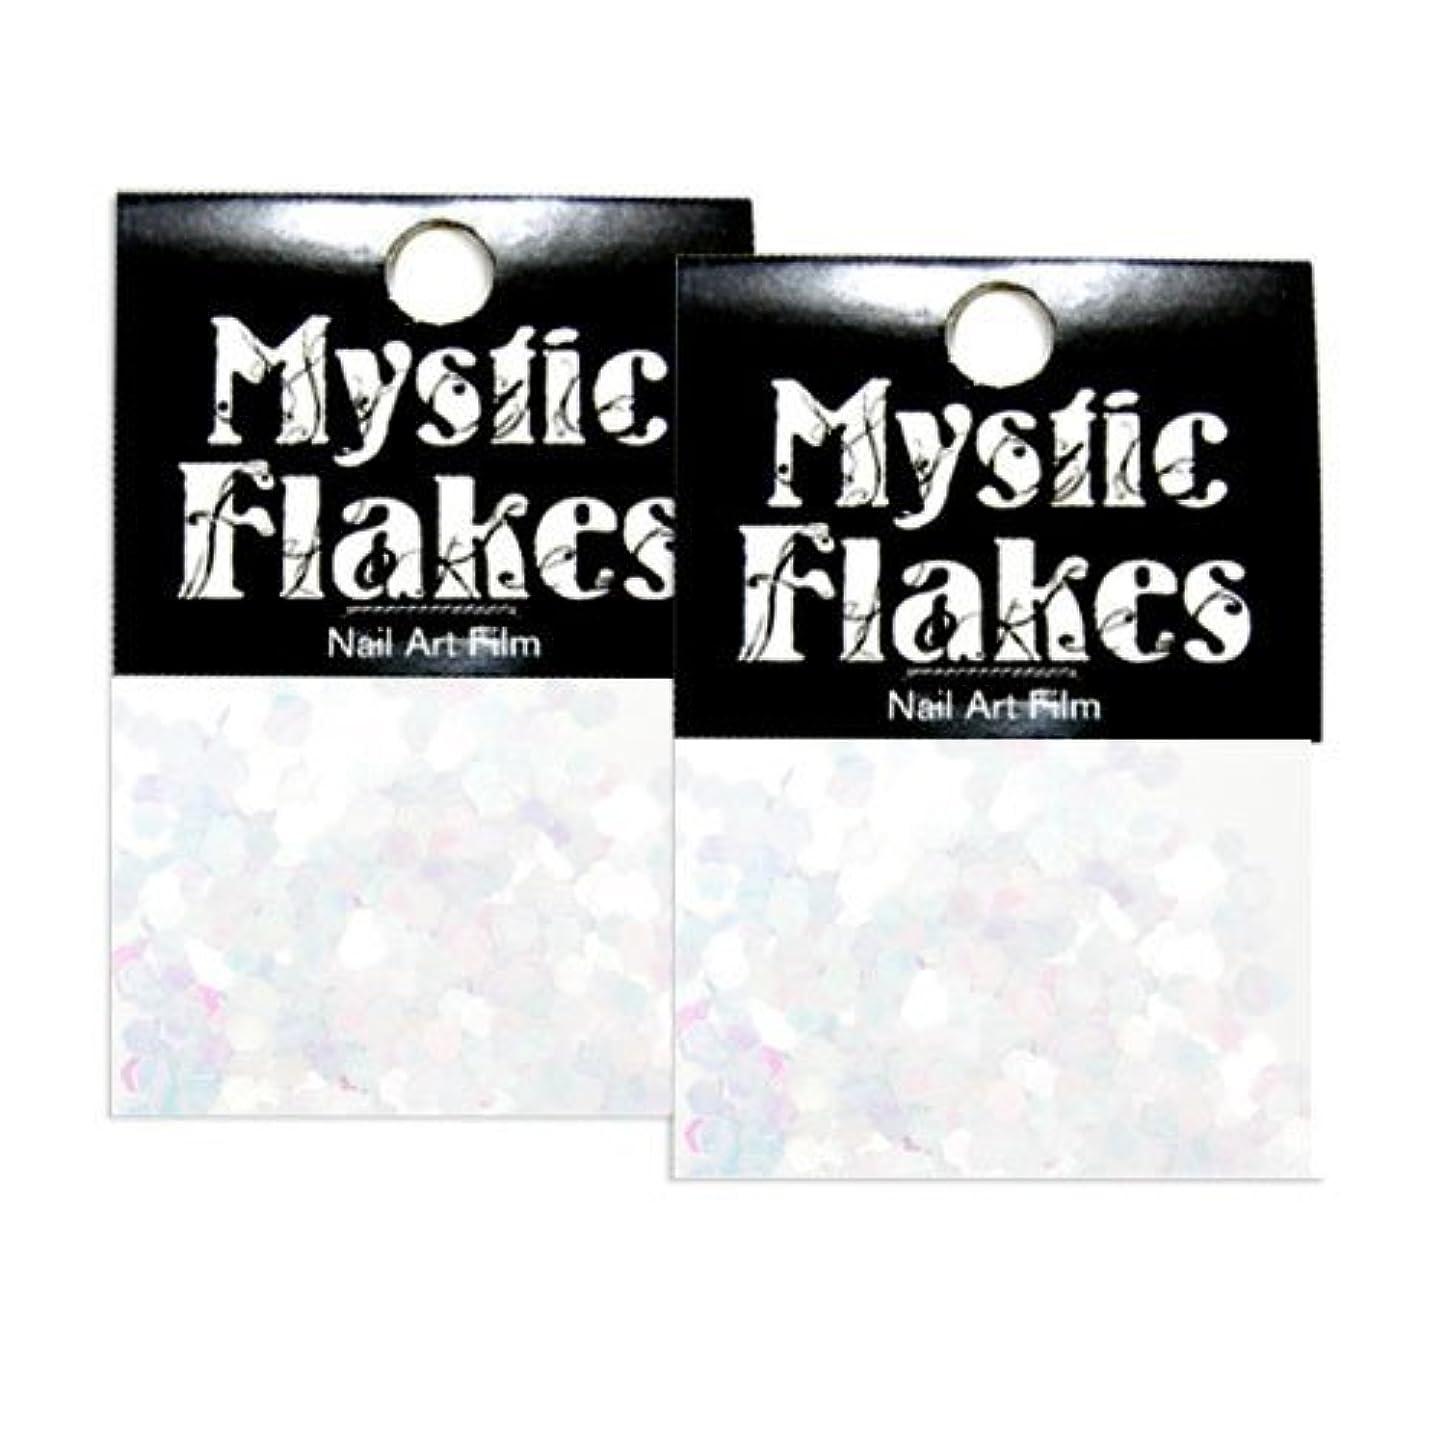 自分自身書くおとうさんミスティックフレース ネイル用ストーン パステルホワイト ヘキサゴン 2.5mm 0.5g 2個セット